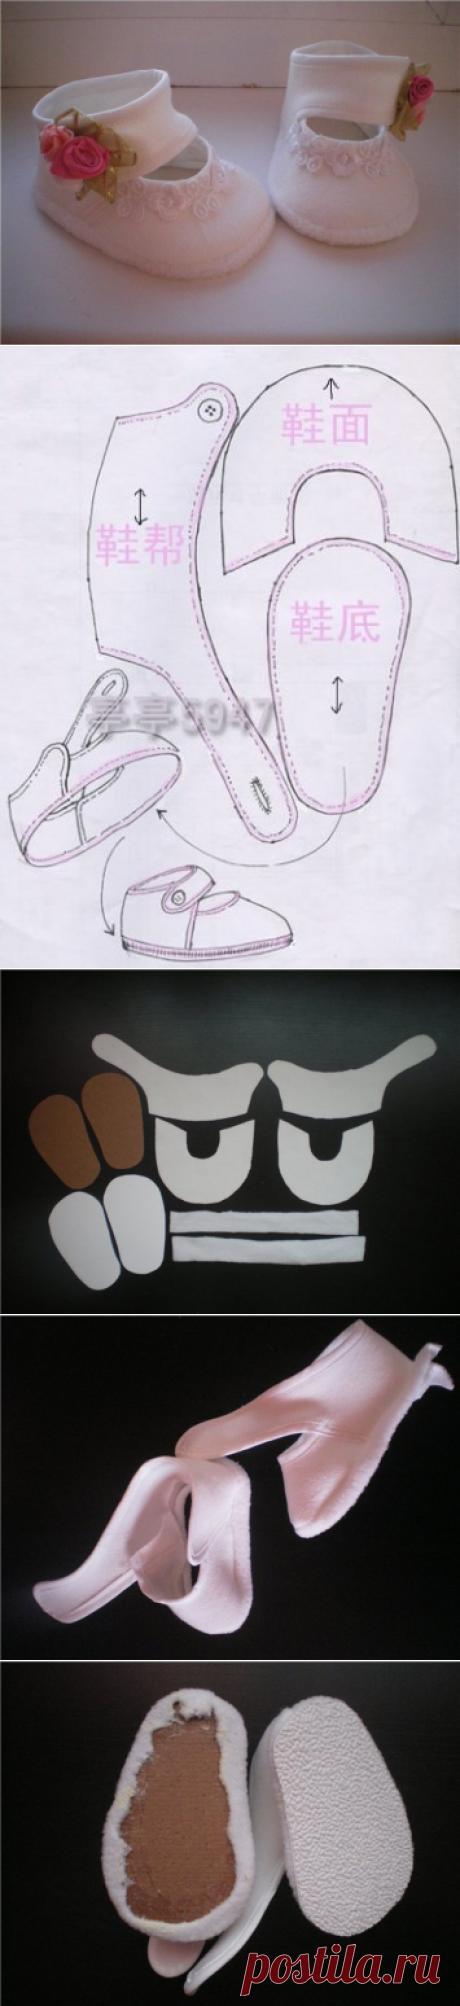 Шьем пинетки туфельки. Выкройка пинеток   Домоводство для всей семьи.